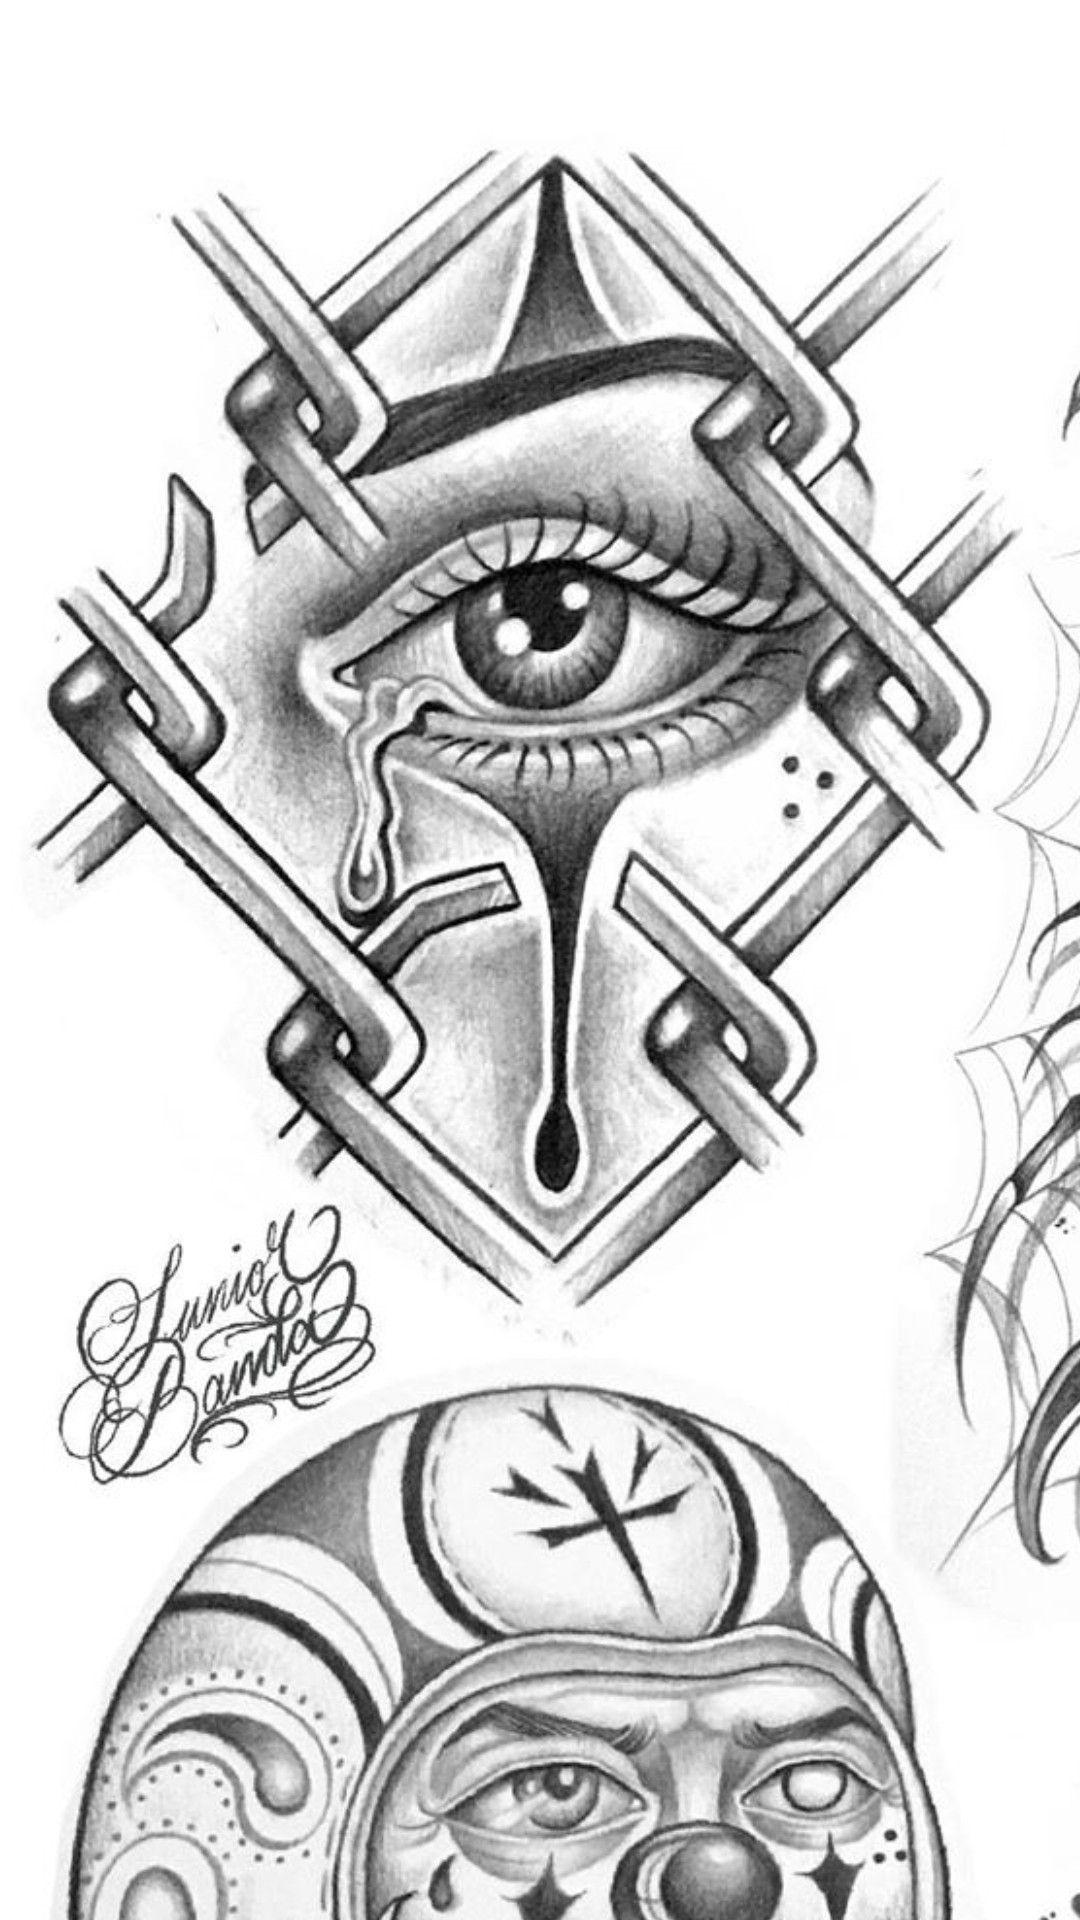 Pin By Nicolas Herrera On New Shit In 2020 Chicano Art Tattoos Graffiti Tattoo Chicano Tattoos Sleeve